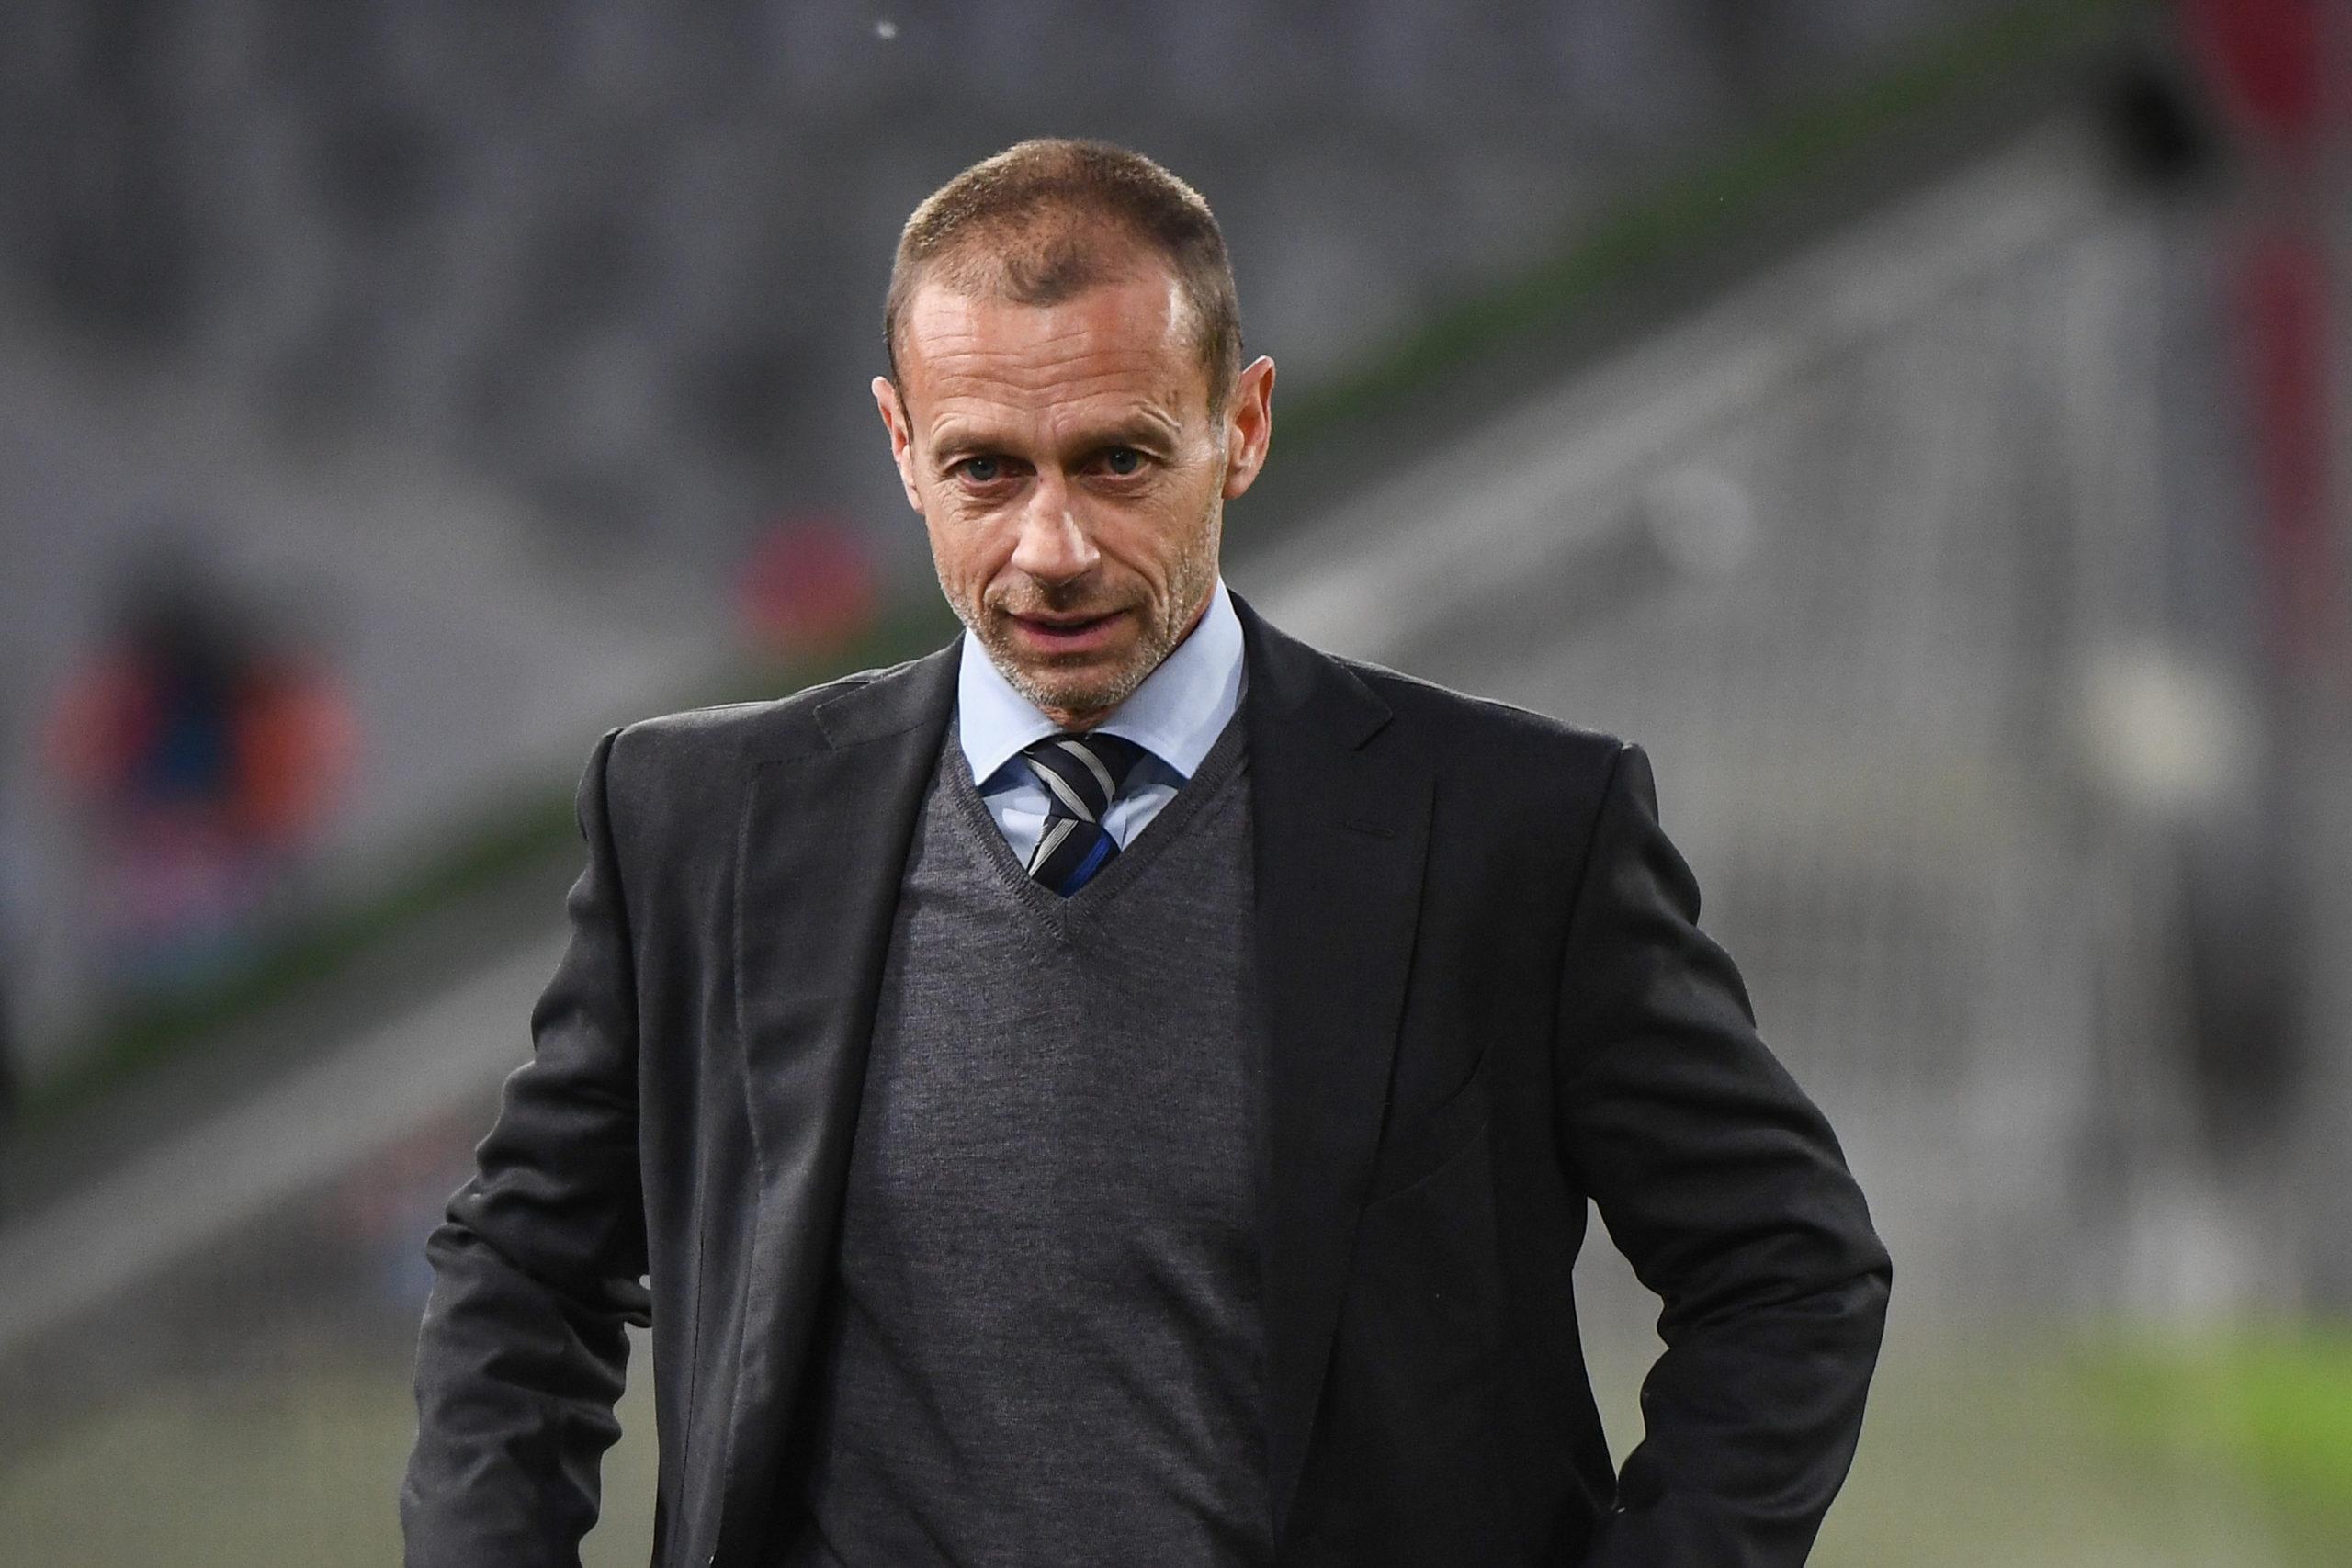 """SuperLeague - Aleksander Ceferin : """"Les clubs devraient se rappeler d'où ils viennent"""""""